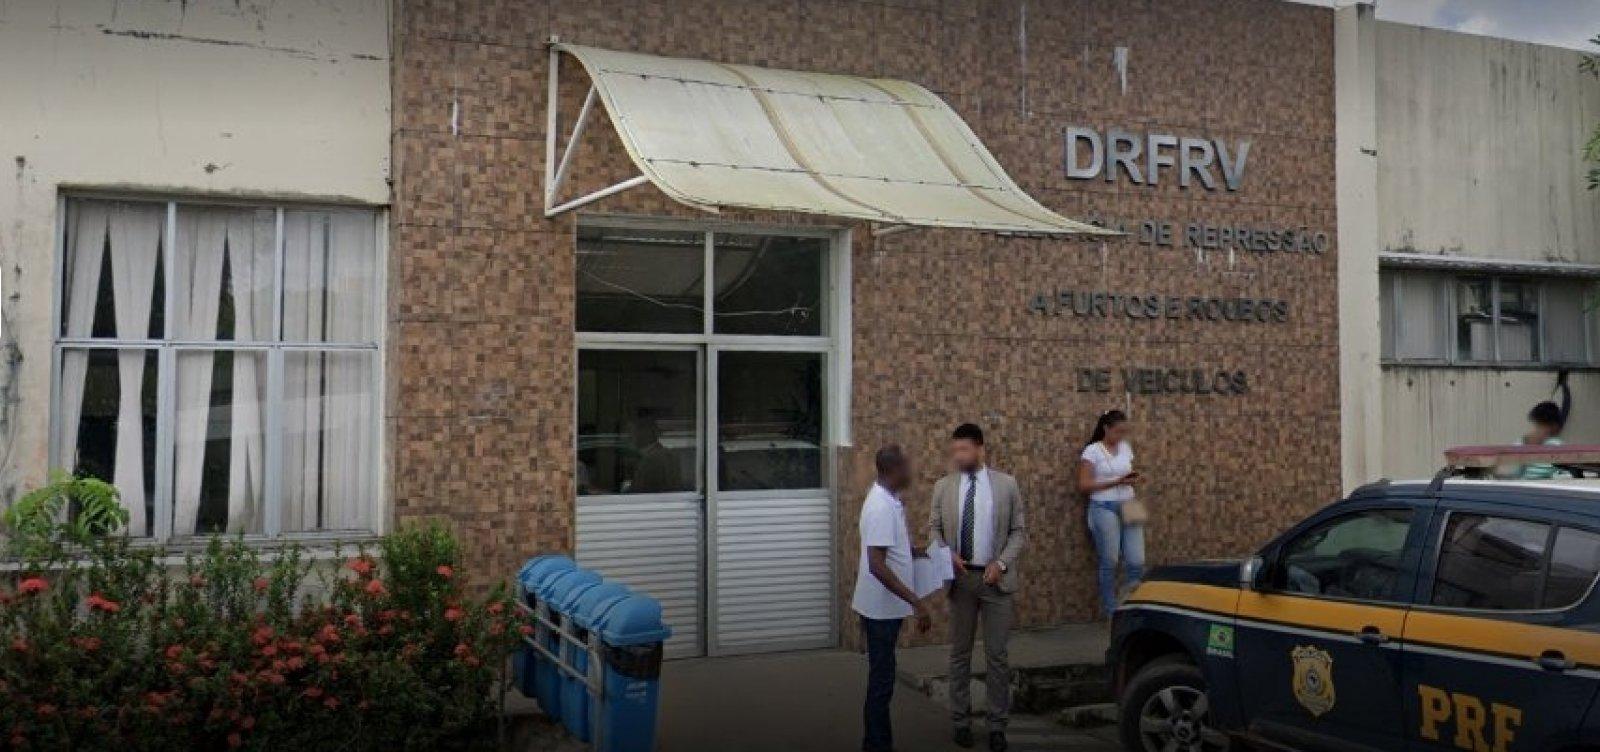 Policial civil da DRFRV é baleado em tentativa de assalto no IAPI